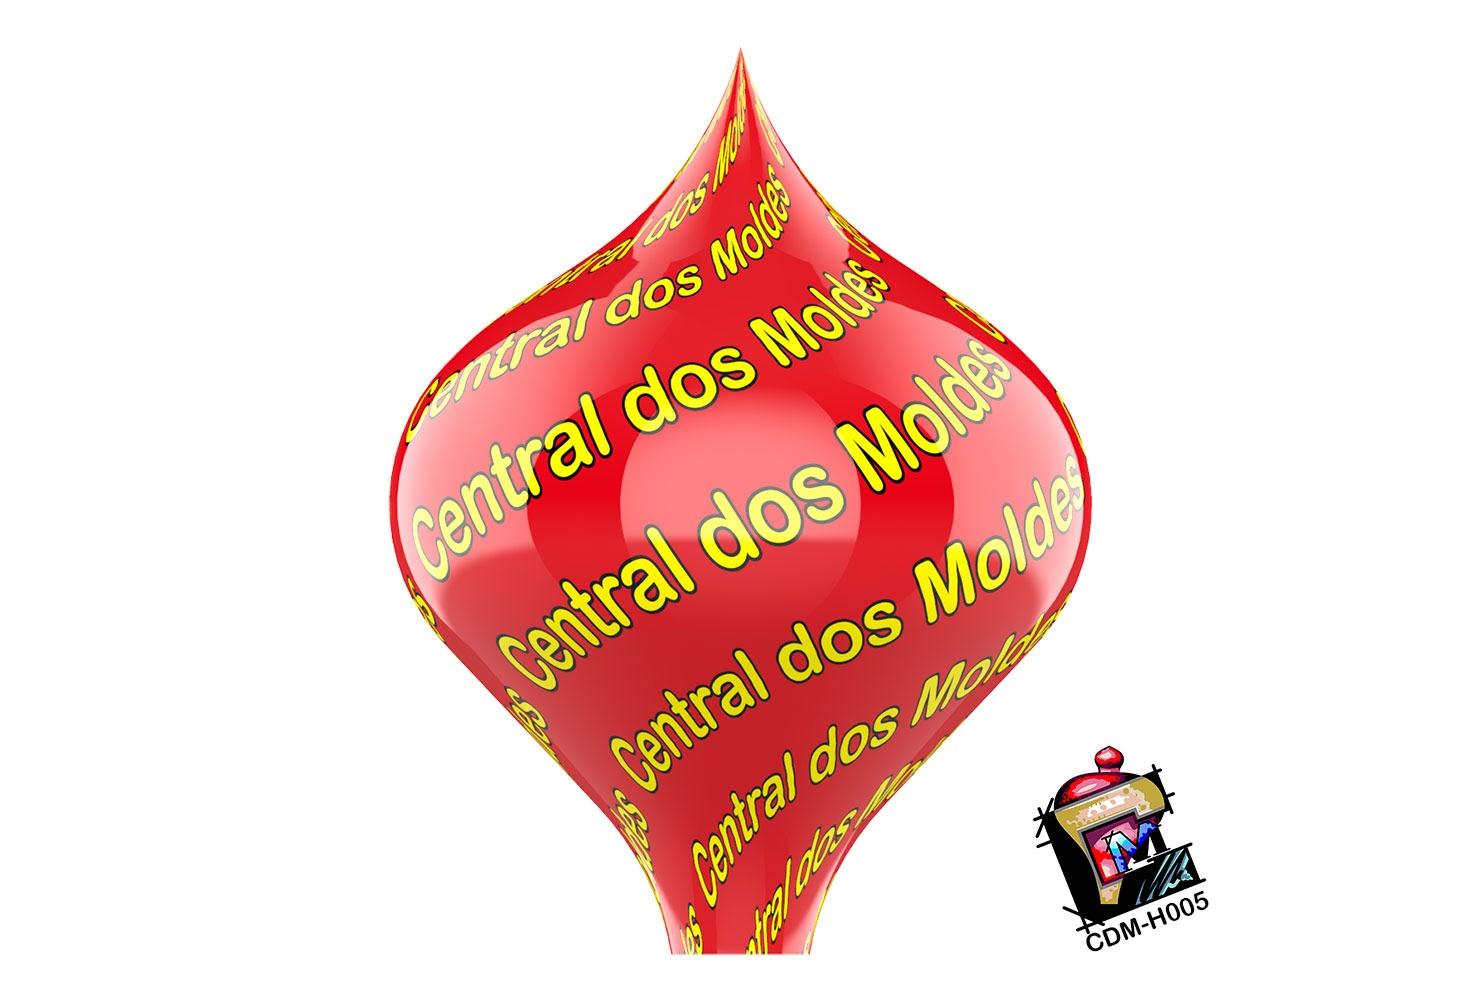 CDM-H005-07062013 - Silhueta